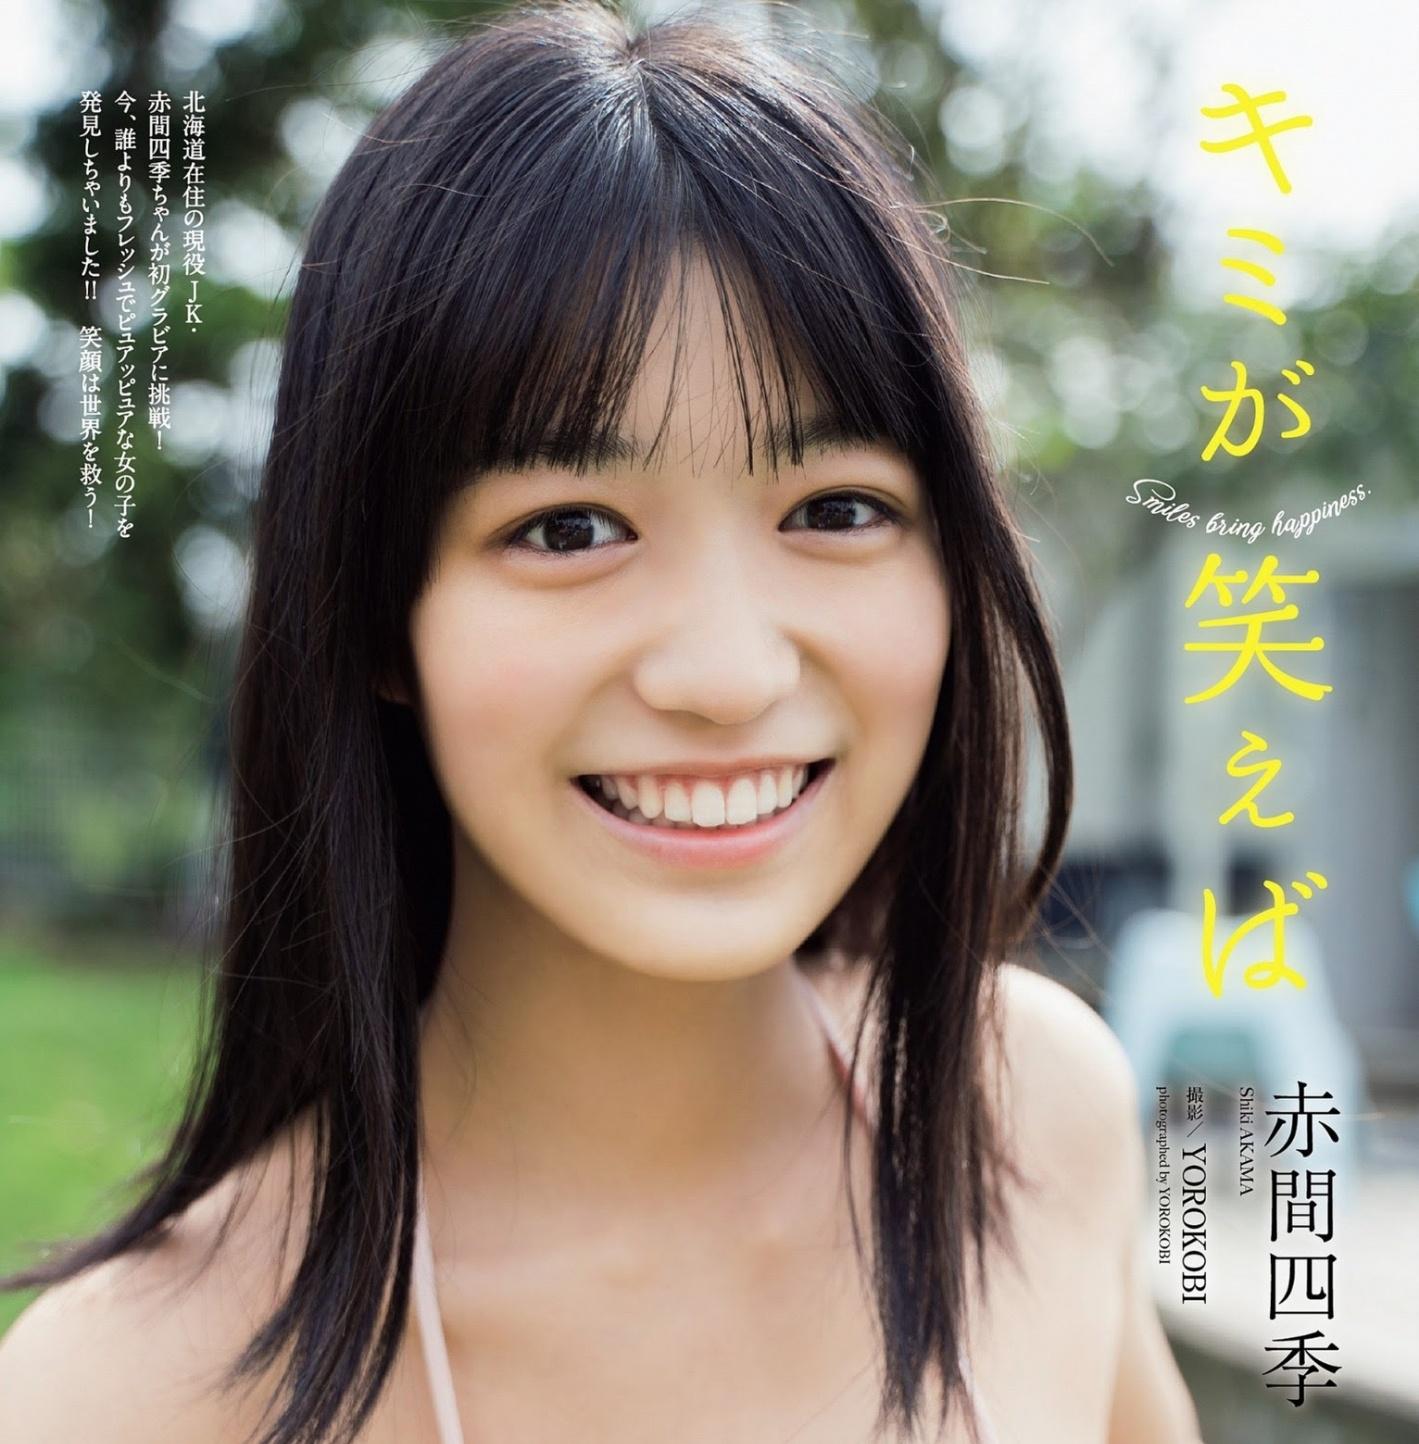 北海道雪国高中生赤间四季青春活力超无敌不可思议身材真的只有16岁!?